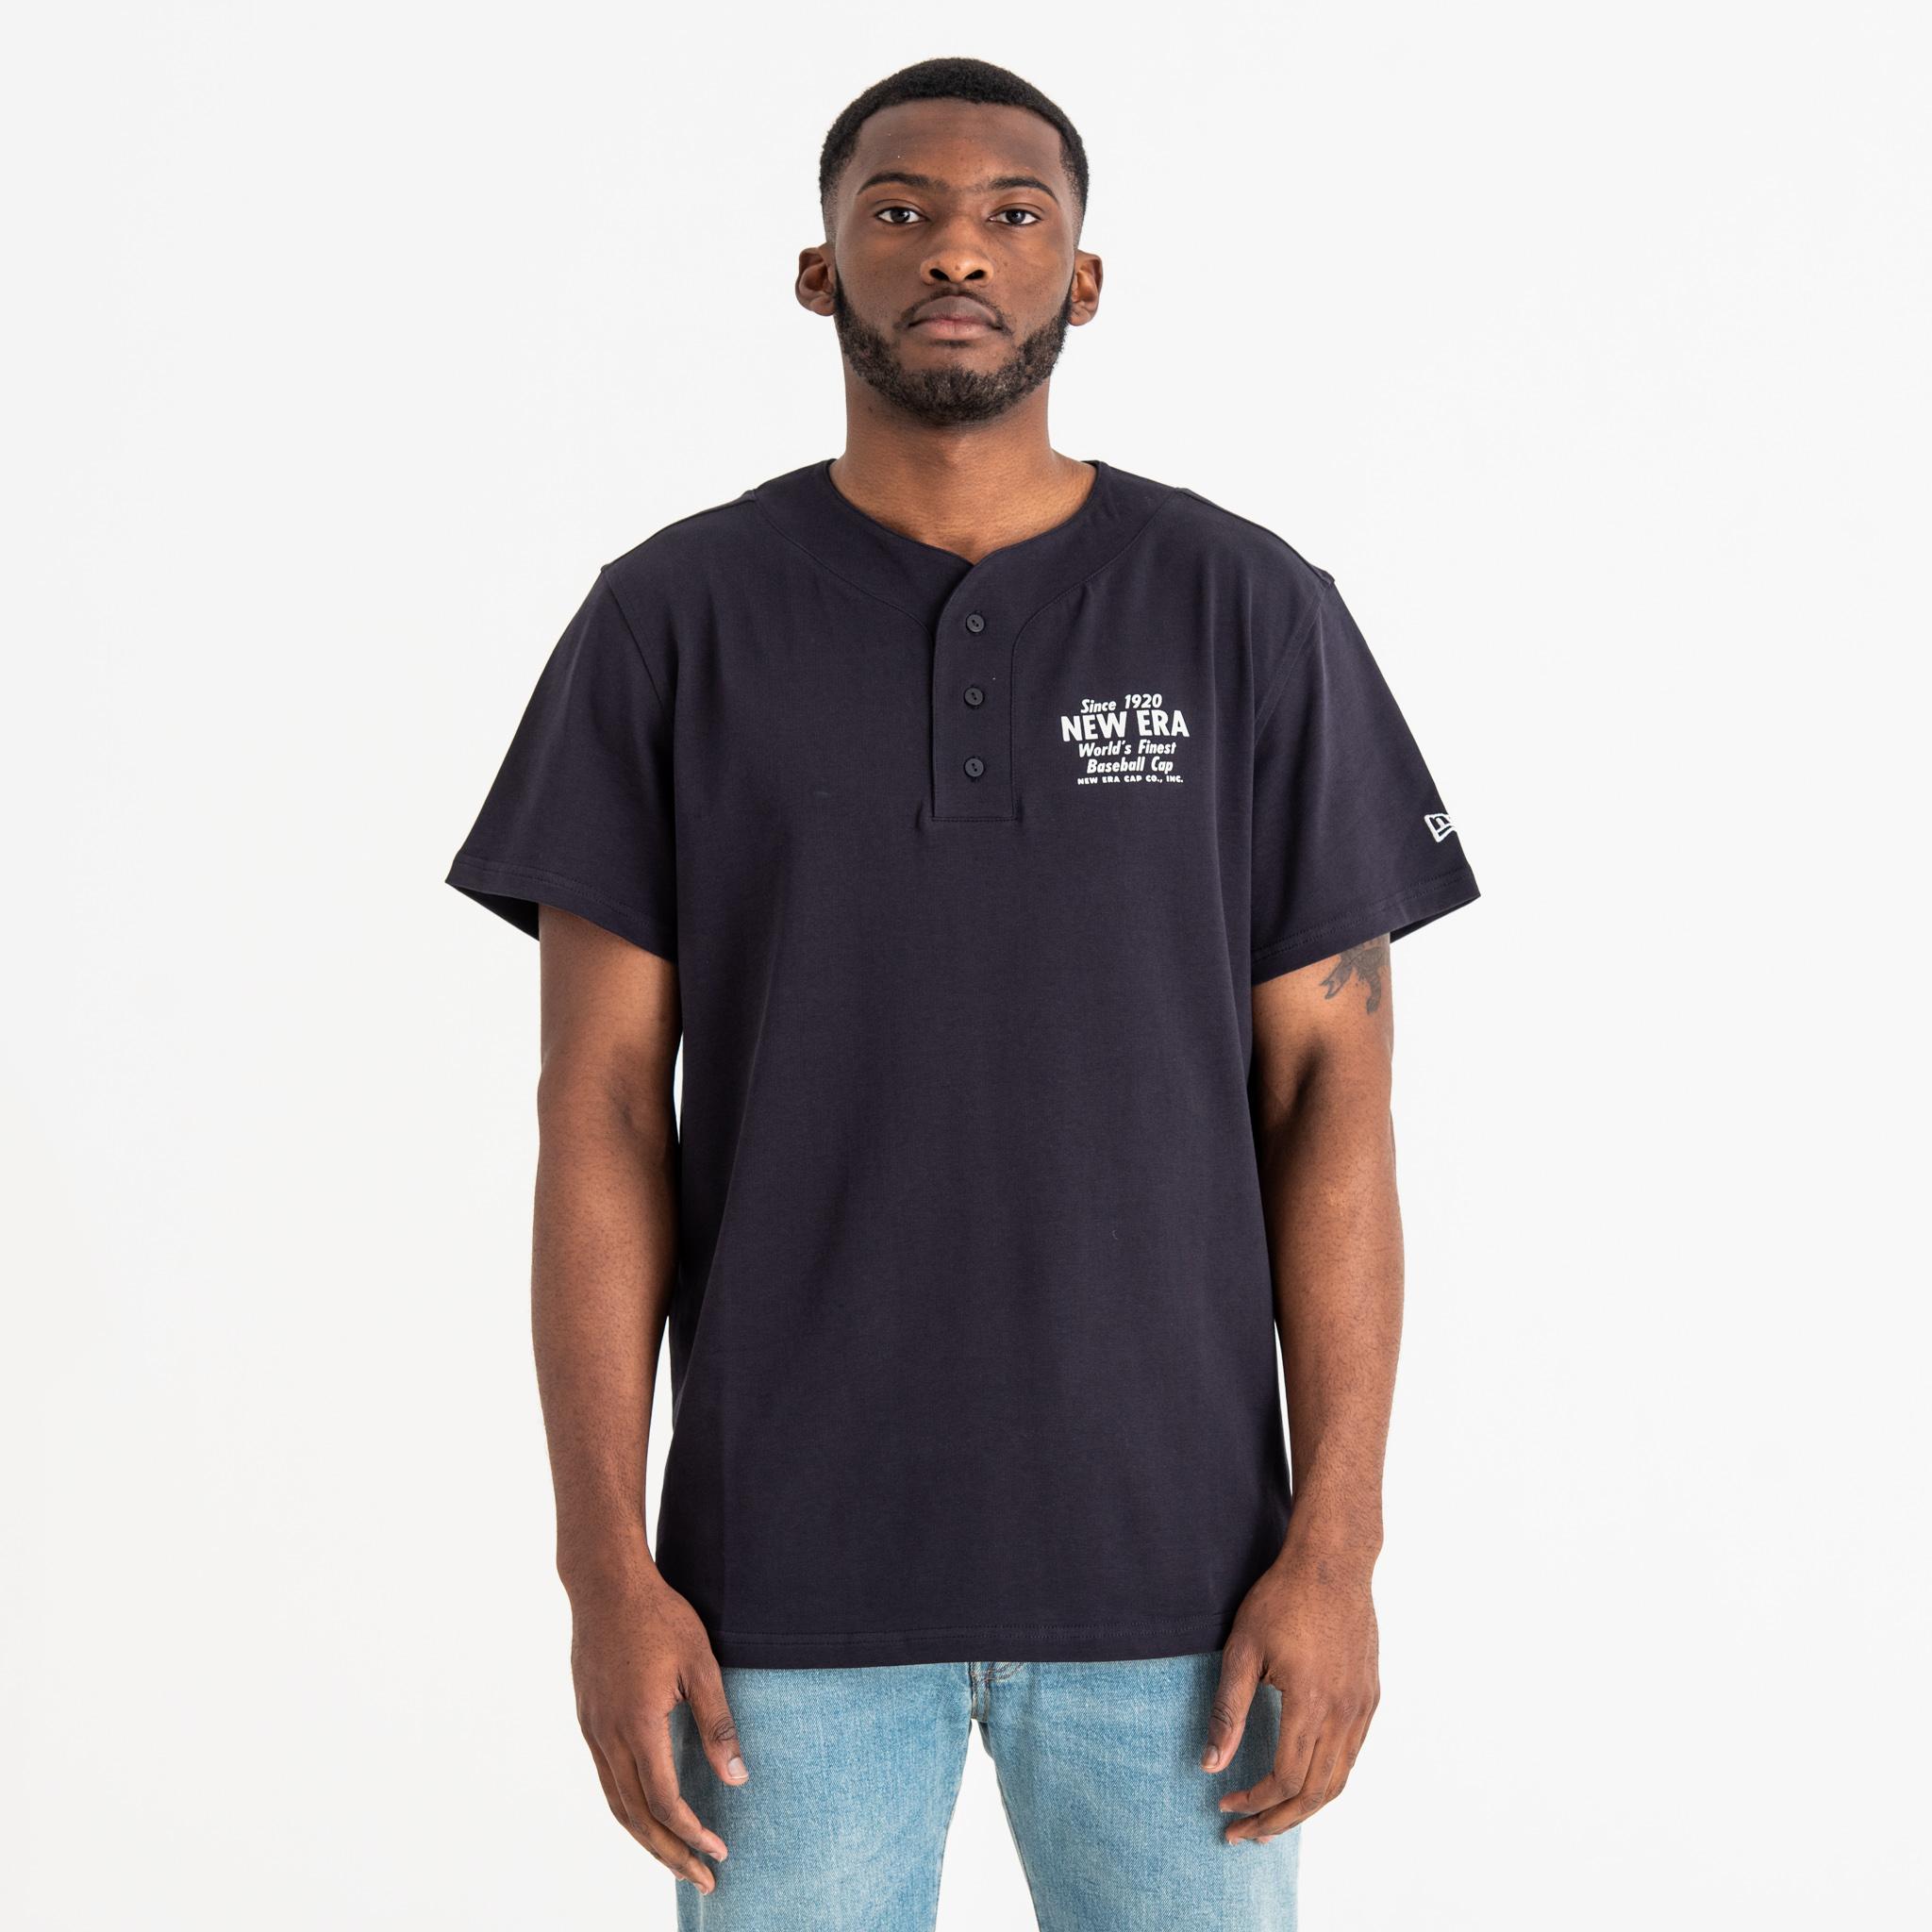 T-shirt e canotte ufficiali New Era uomo e donna  a4895f375d9e